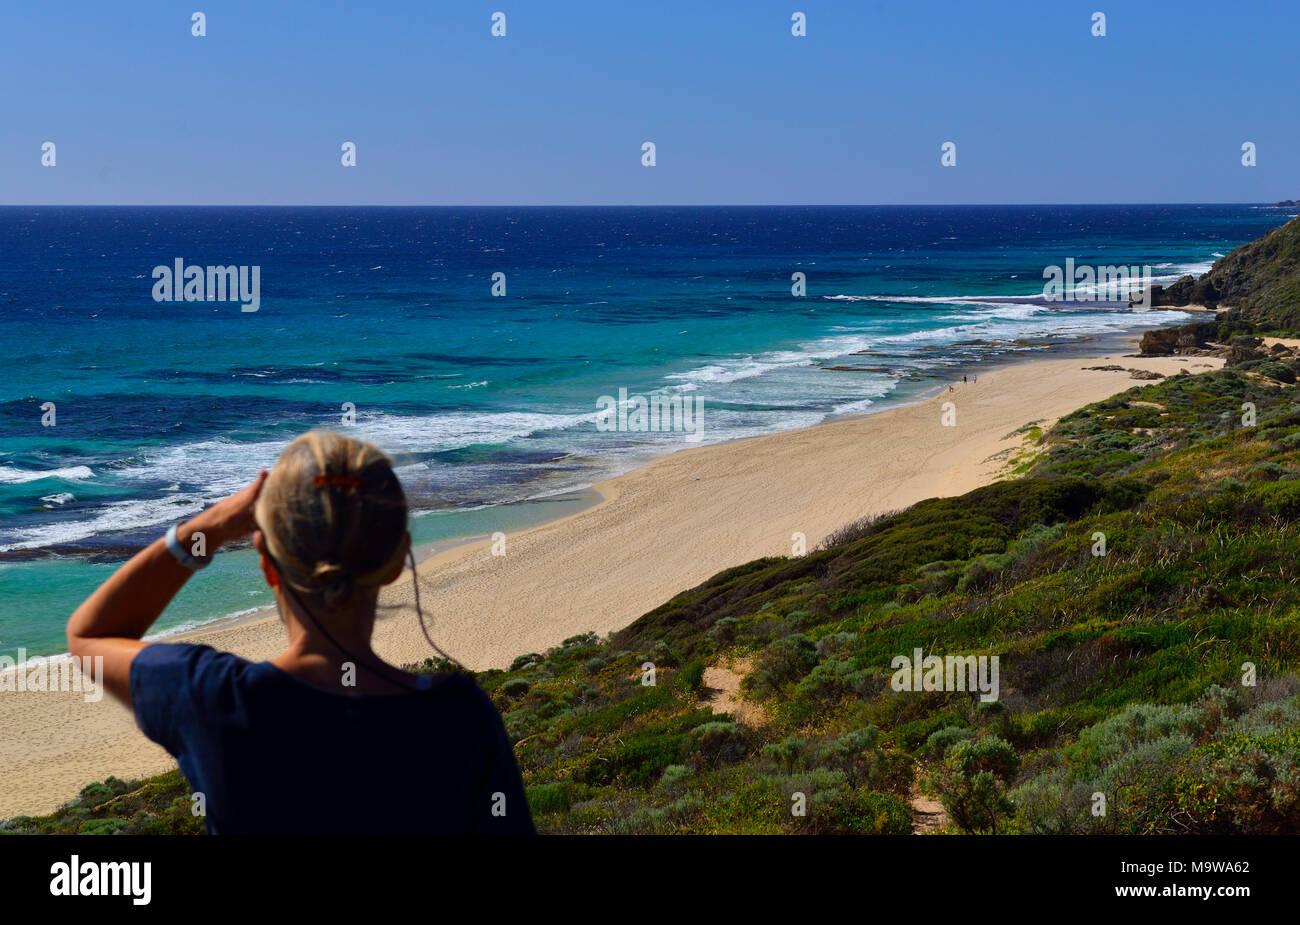 Donna che guarda verso nord lungo Yallingup Beach in direzione di Cape Naturaliste Lighthouse ,Yallingup, Australia occidentale Immagini Stock